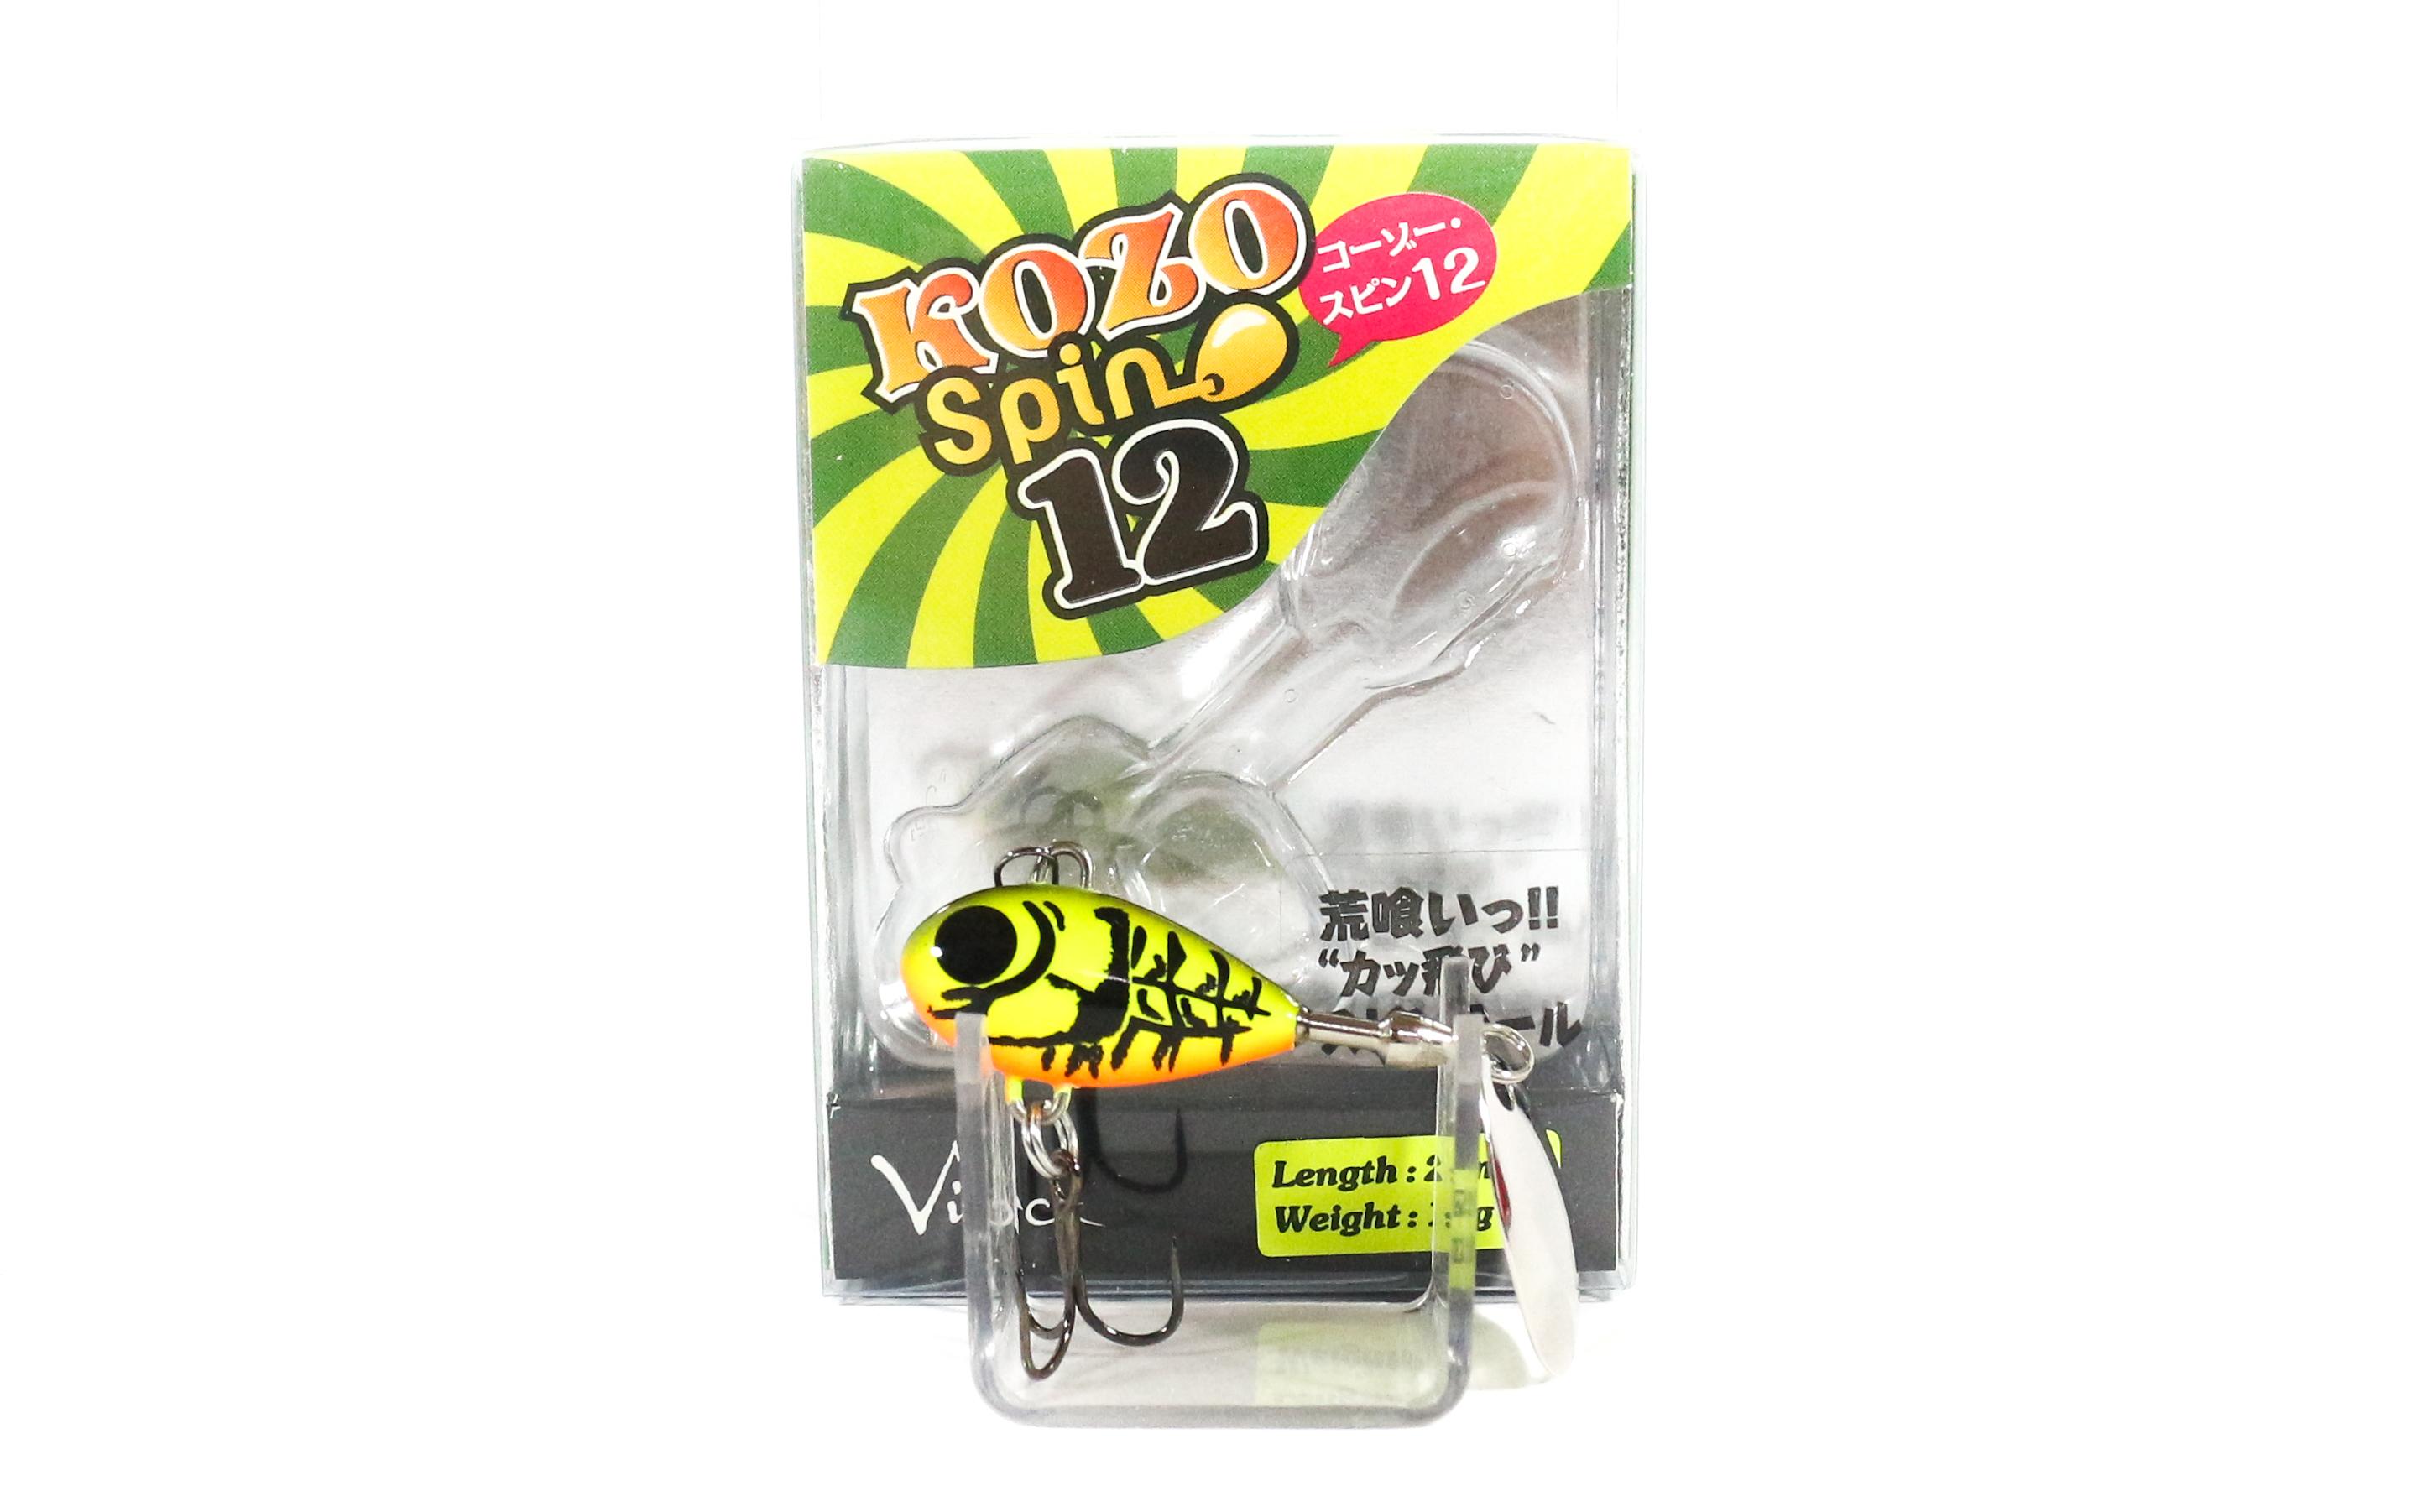 Viva Kozo Spin 12 grams Spinner Bait Lure 160 (7601)